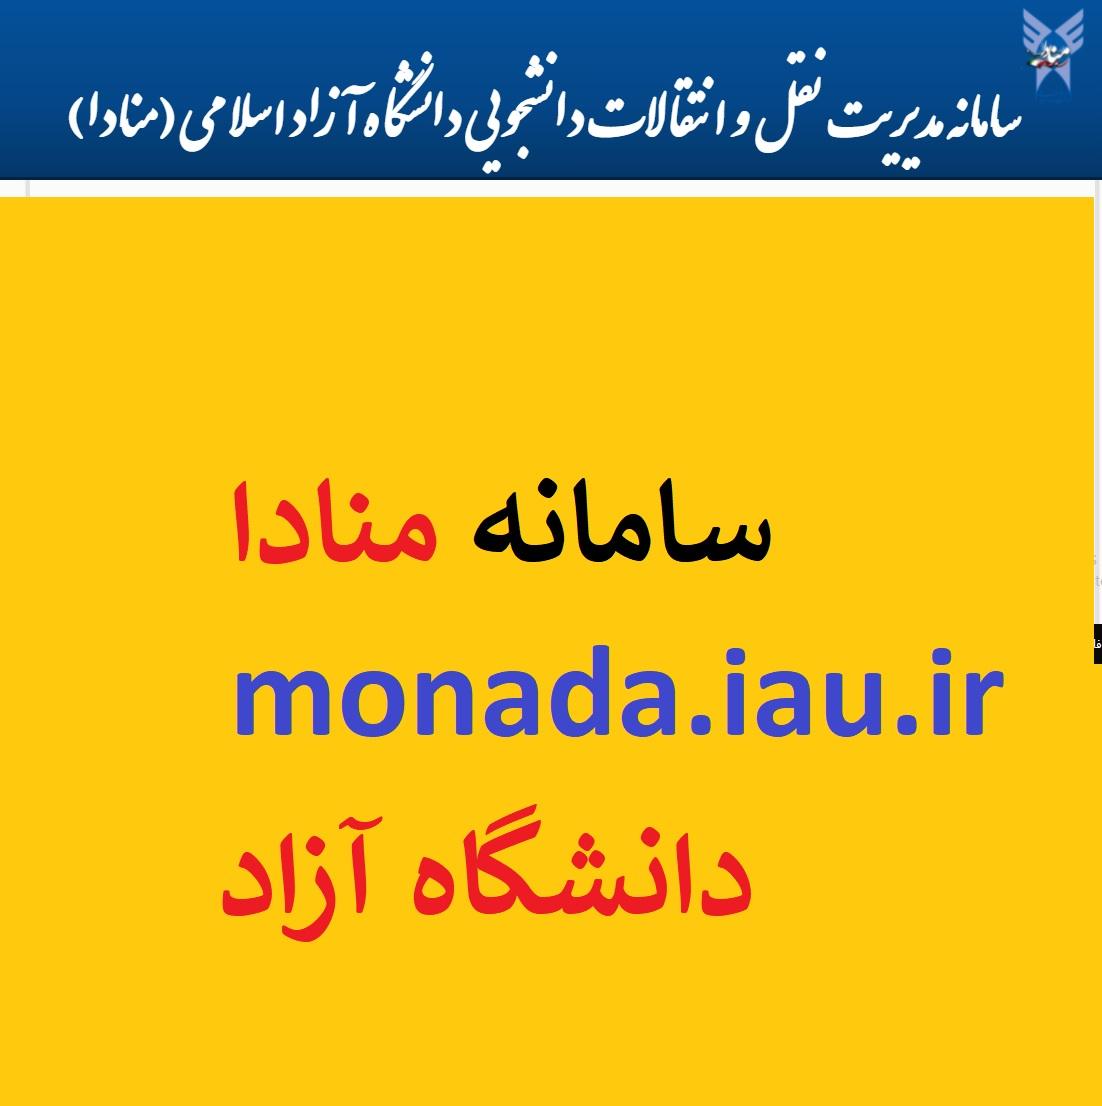 سامانه منادا - monada.iau.ir